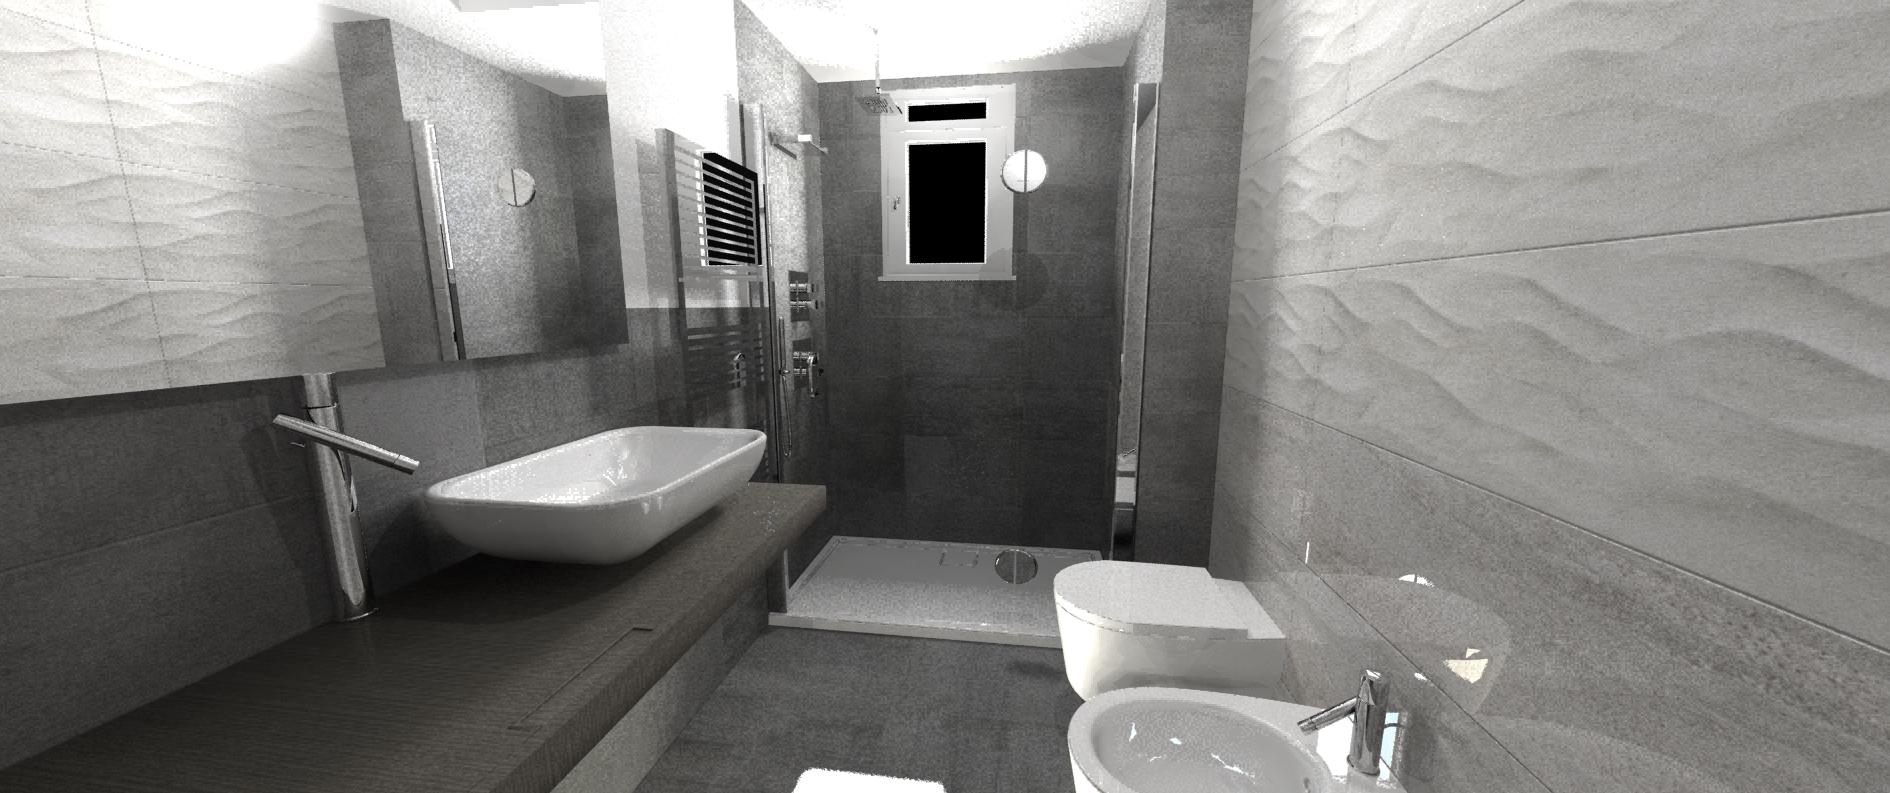 Rivestimento bagno piccolo mk89 regardsdefemmes - Ristrutturare bagno piccolo ...